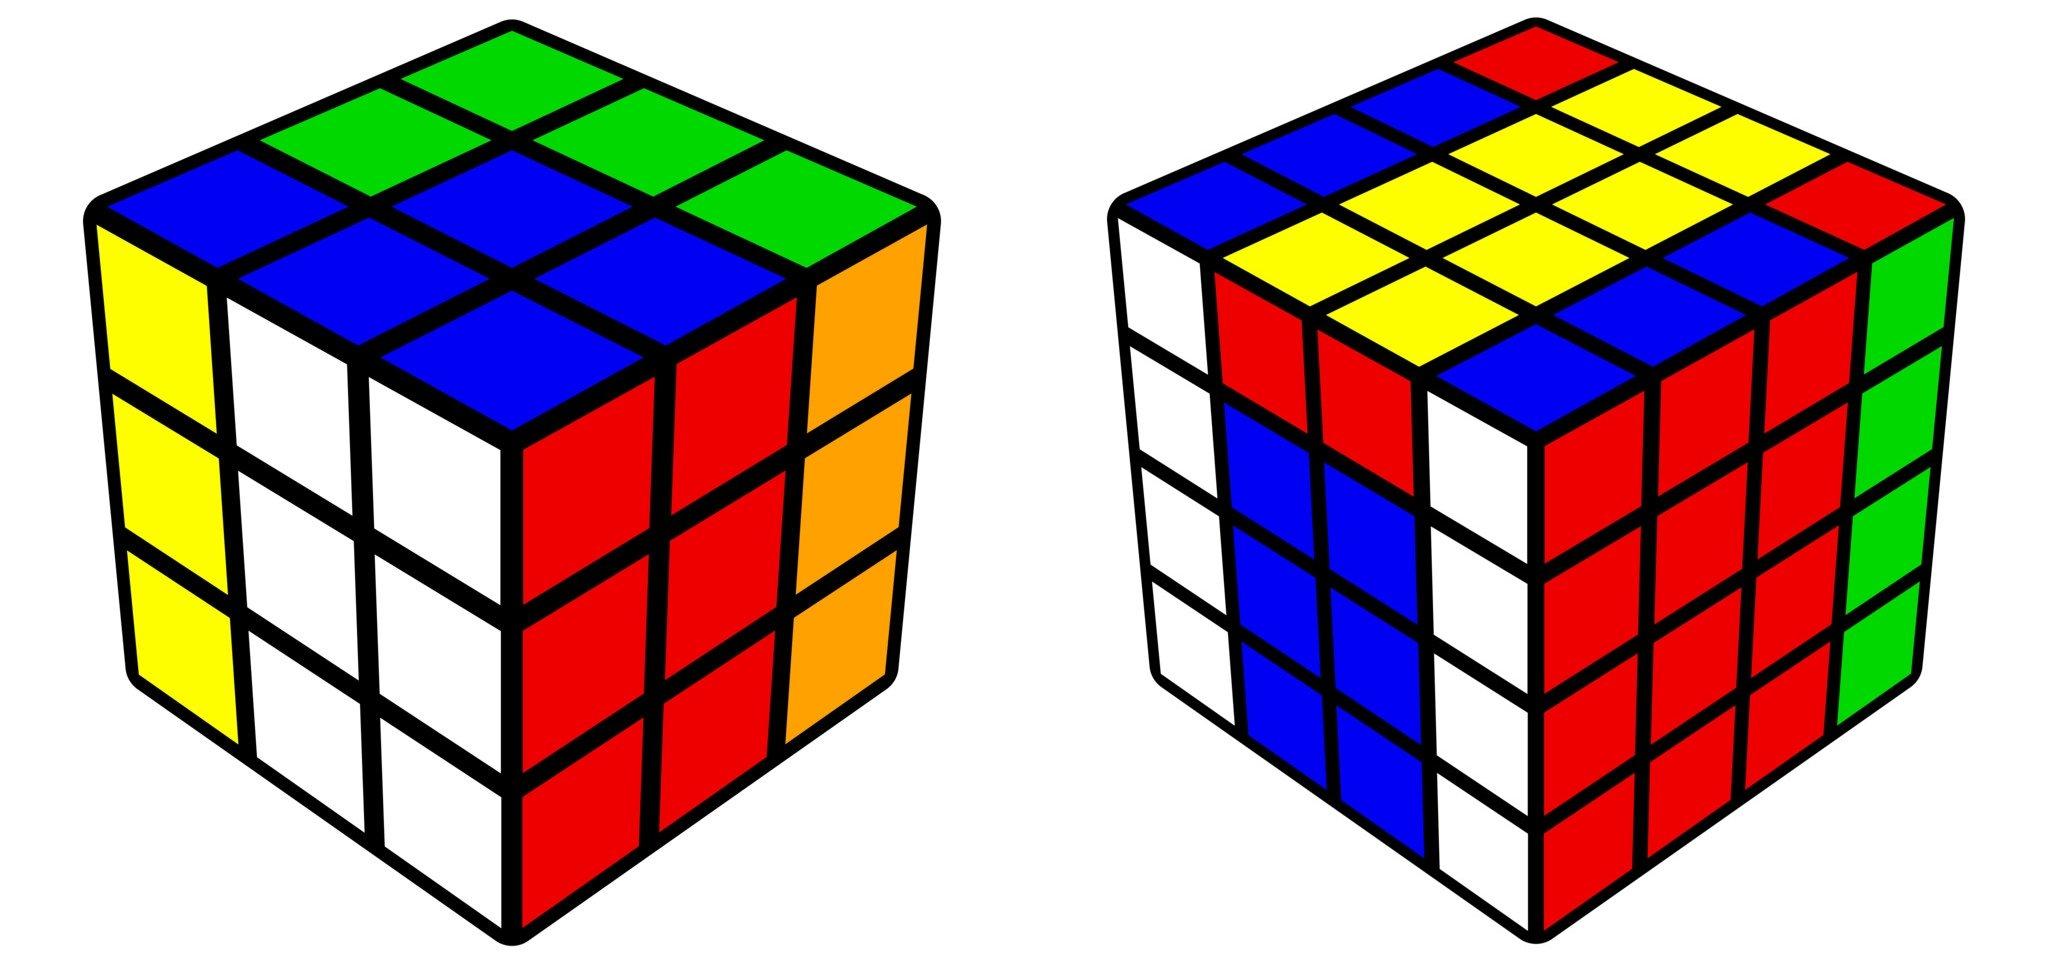 Cómo generar imágenes de cubos Rubik